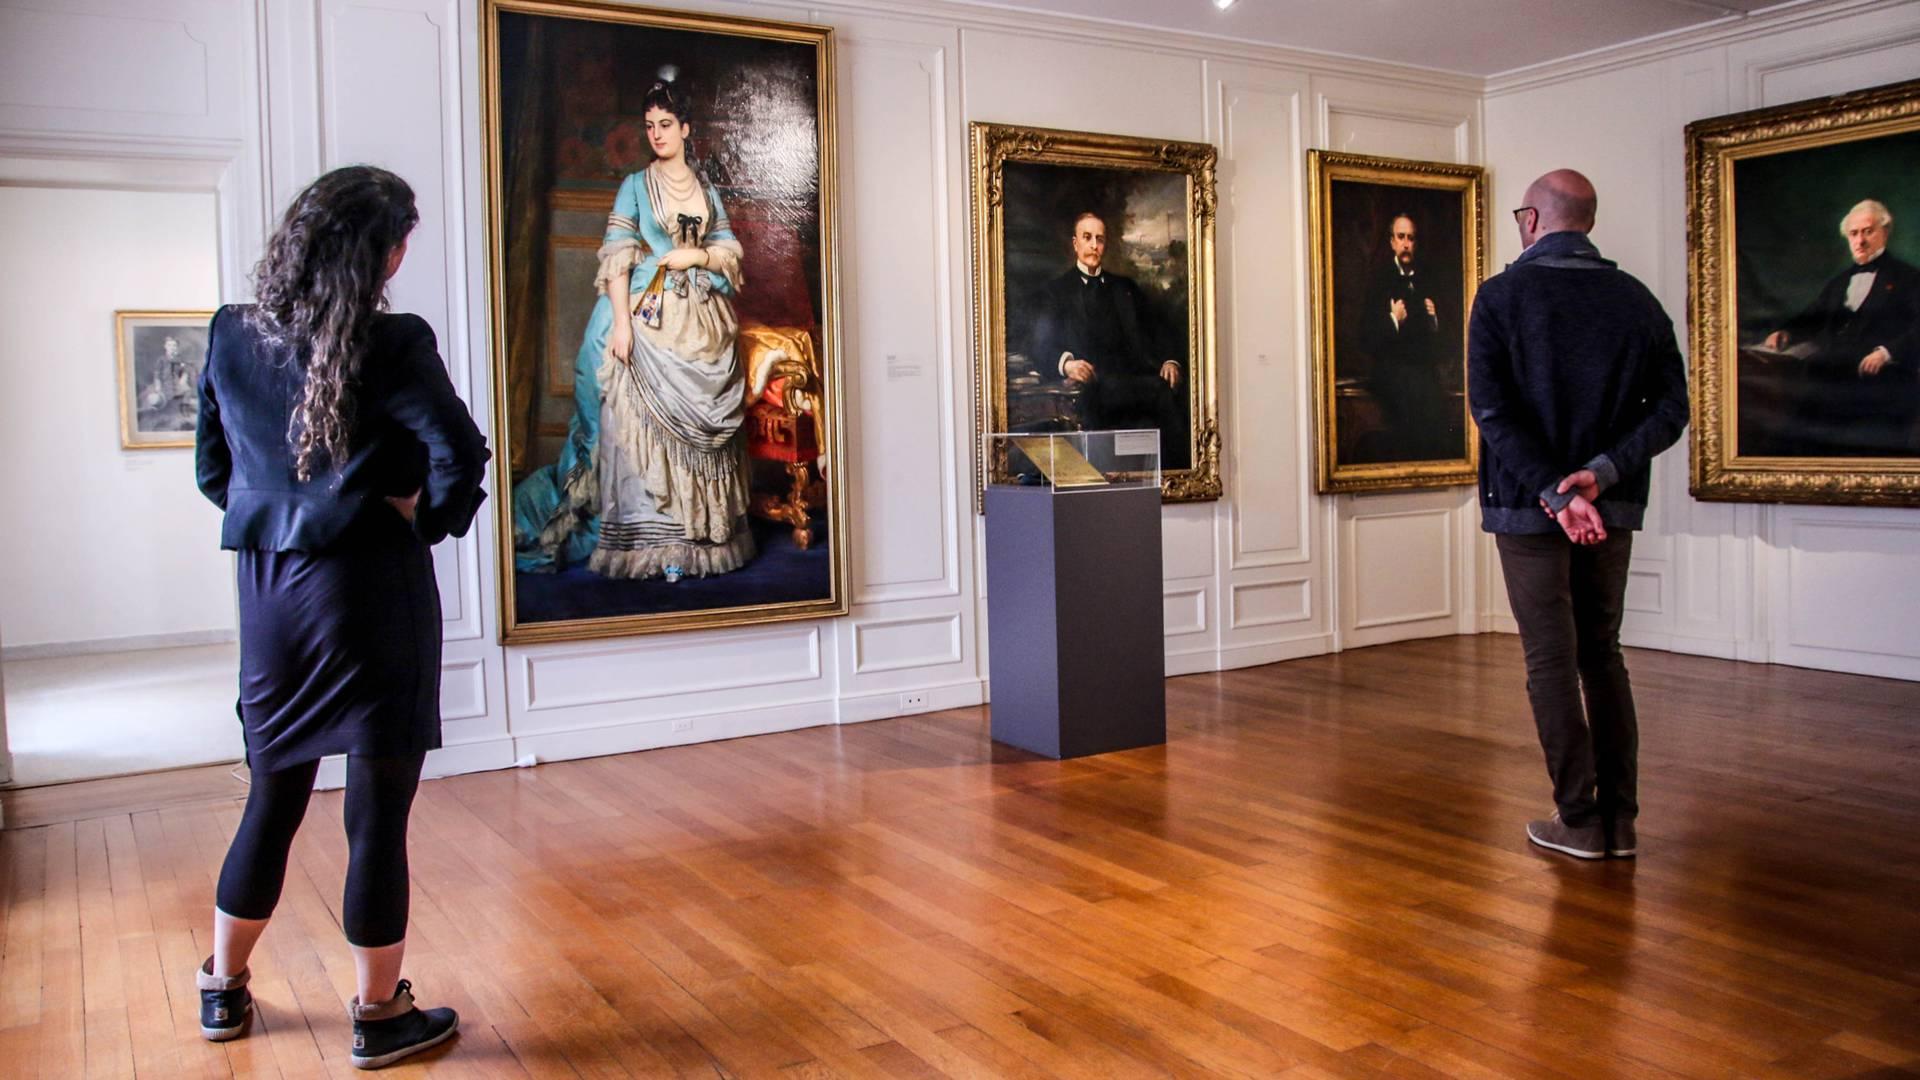 Portraits des Schneider au Musée de l'homme et de l'industrie, Le Creusot. © Lesley Williamson.